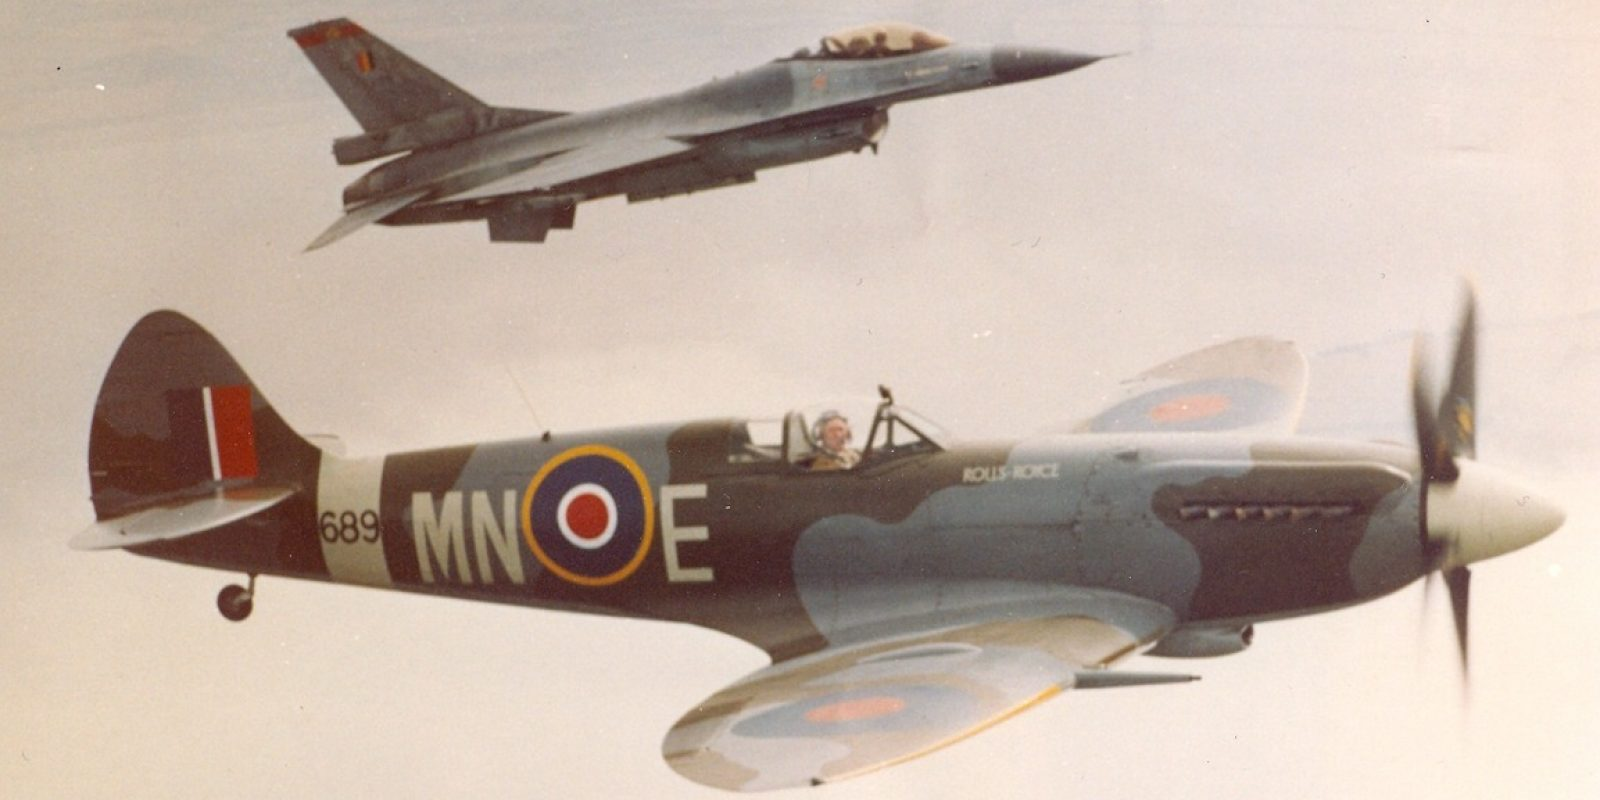 Le Spitfire MN-E/RM689 était l'un des rares de son espèce à encore voler le 19 juin 1991, alors qu'il participait au meeting aérien de la base de Beauvechain. Ce Spitfire appartenait au motoriste Rolls-Royce et vole en formation avec un F-16A de la 350. Cet appareil avait fait partie des effectifs de la 350 pour un petit mois en mai 1945. Racheté par Rolls-Royce en 1949, il reçut l'immatriculation civile G-ALGT. Il s'écrasa malheureusement au sol en sortant d'un looping à basse altitude, entraînant le décès de son pilote David Moore le 27 juin 1992 à Woodford. (Archive Squadron 350)